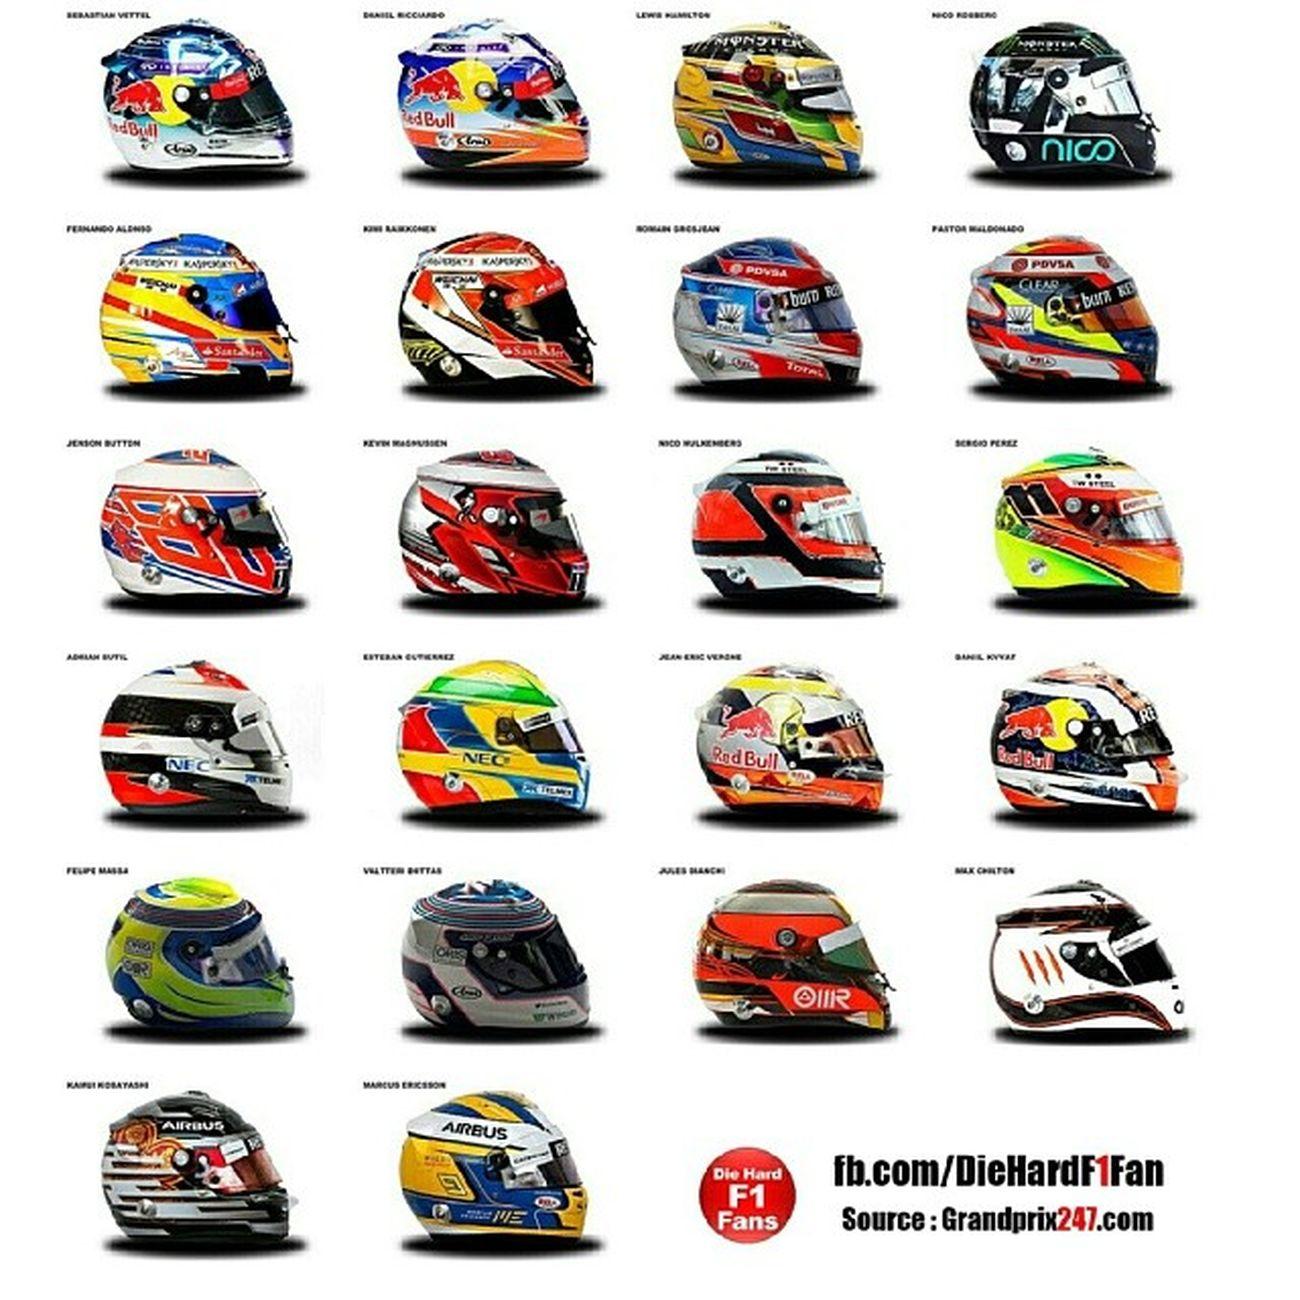 Начало сезона. Волнительно! F1 F14t Ferrari ForzaFerrari Formula1 2014